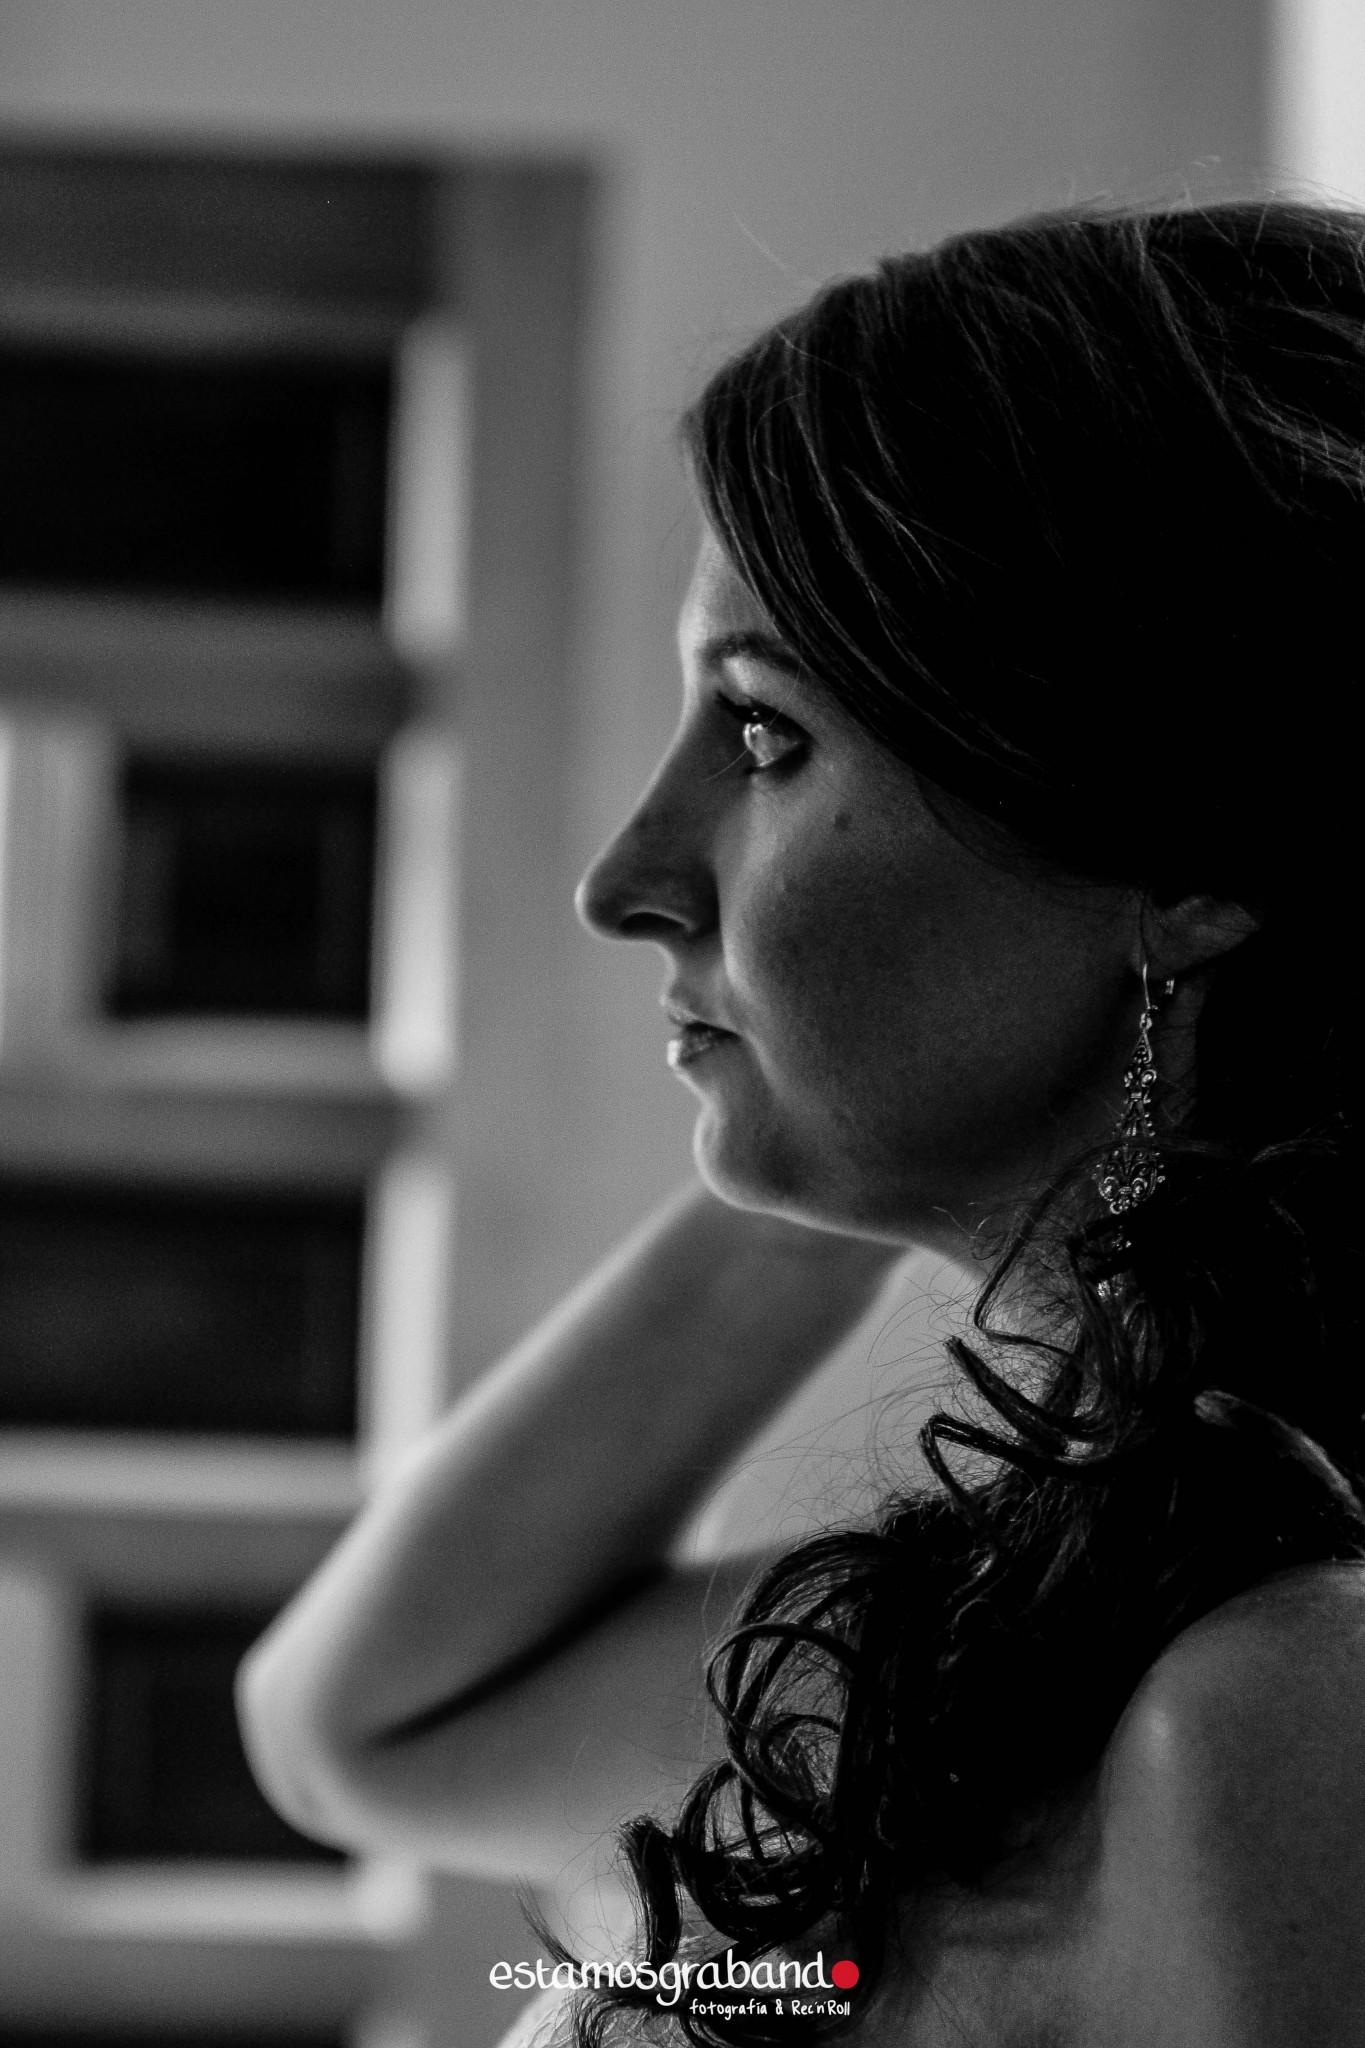 vee-y-juan_boda-escocesa-6 La boda de Braveheart (Spanish version)_Vee & Juan - video boda cadiz